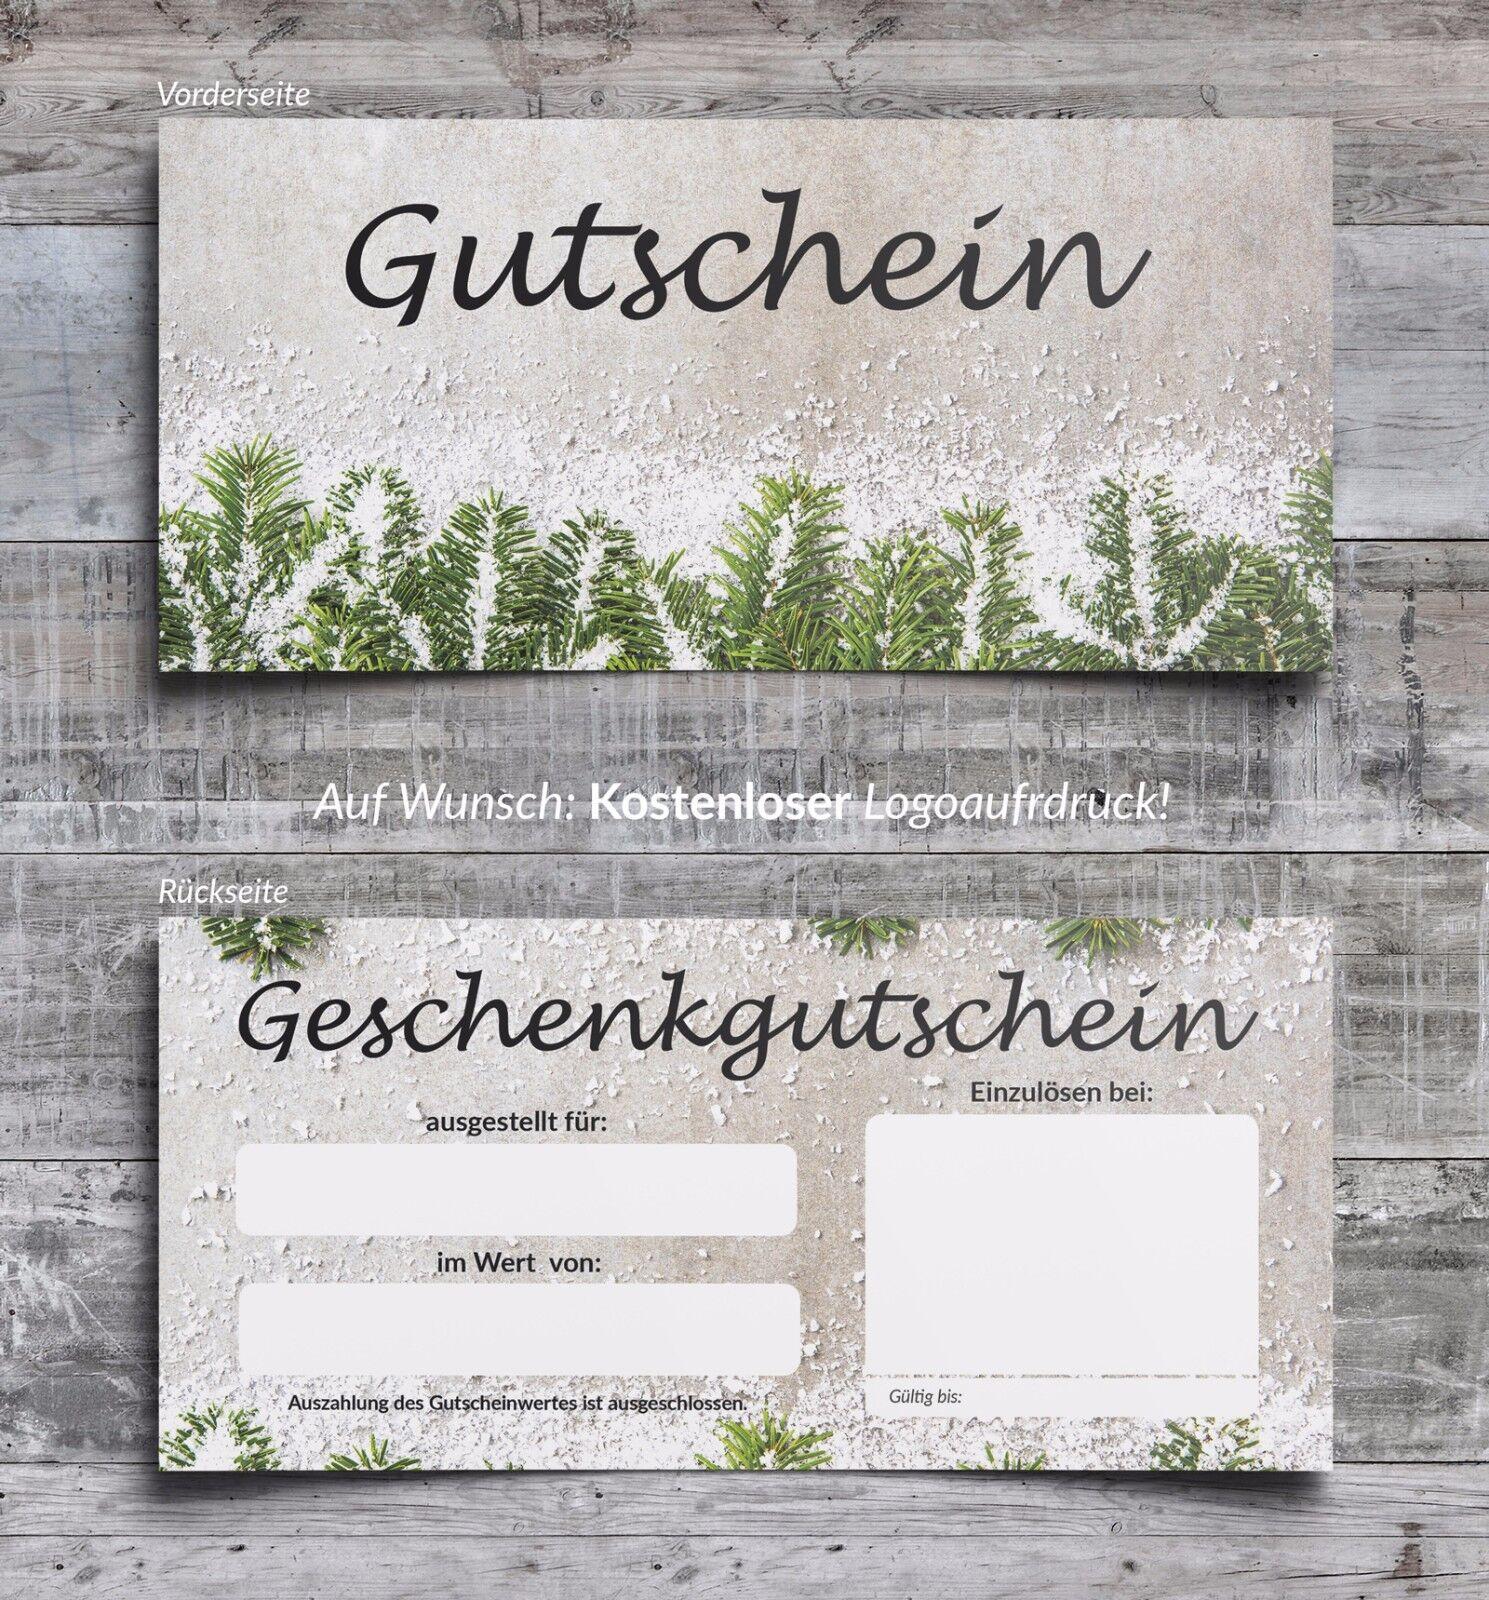 Premium Geschenkgutschein Weißnachten Geschenk Gutschein Tannen 2018